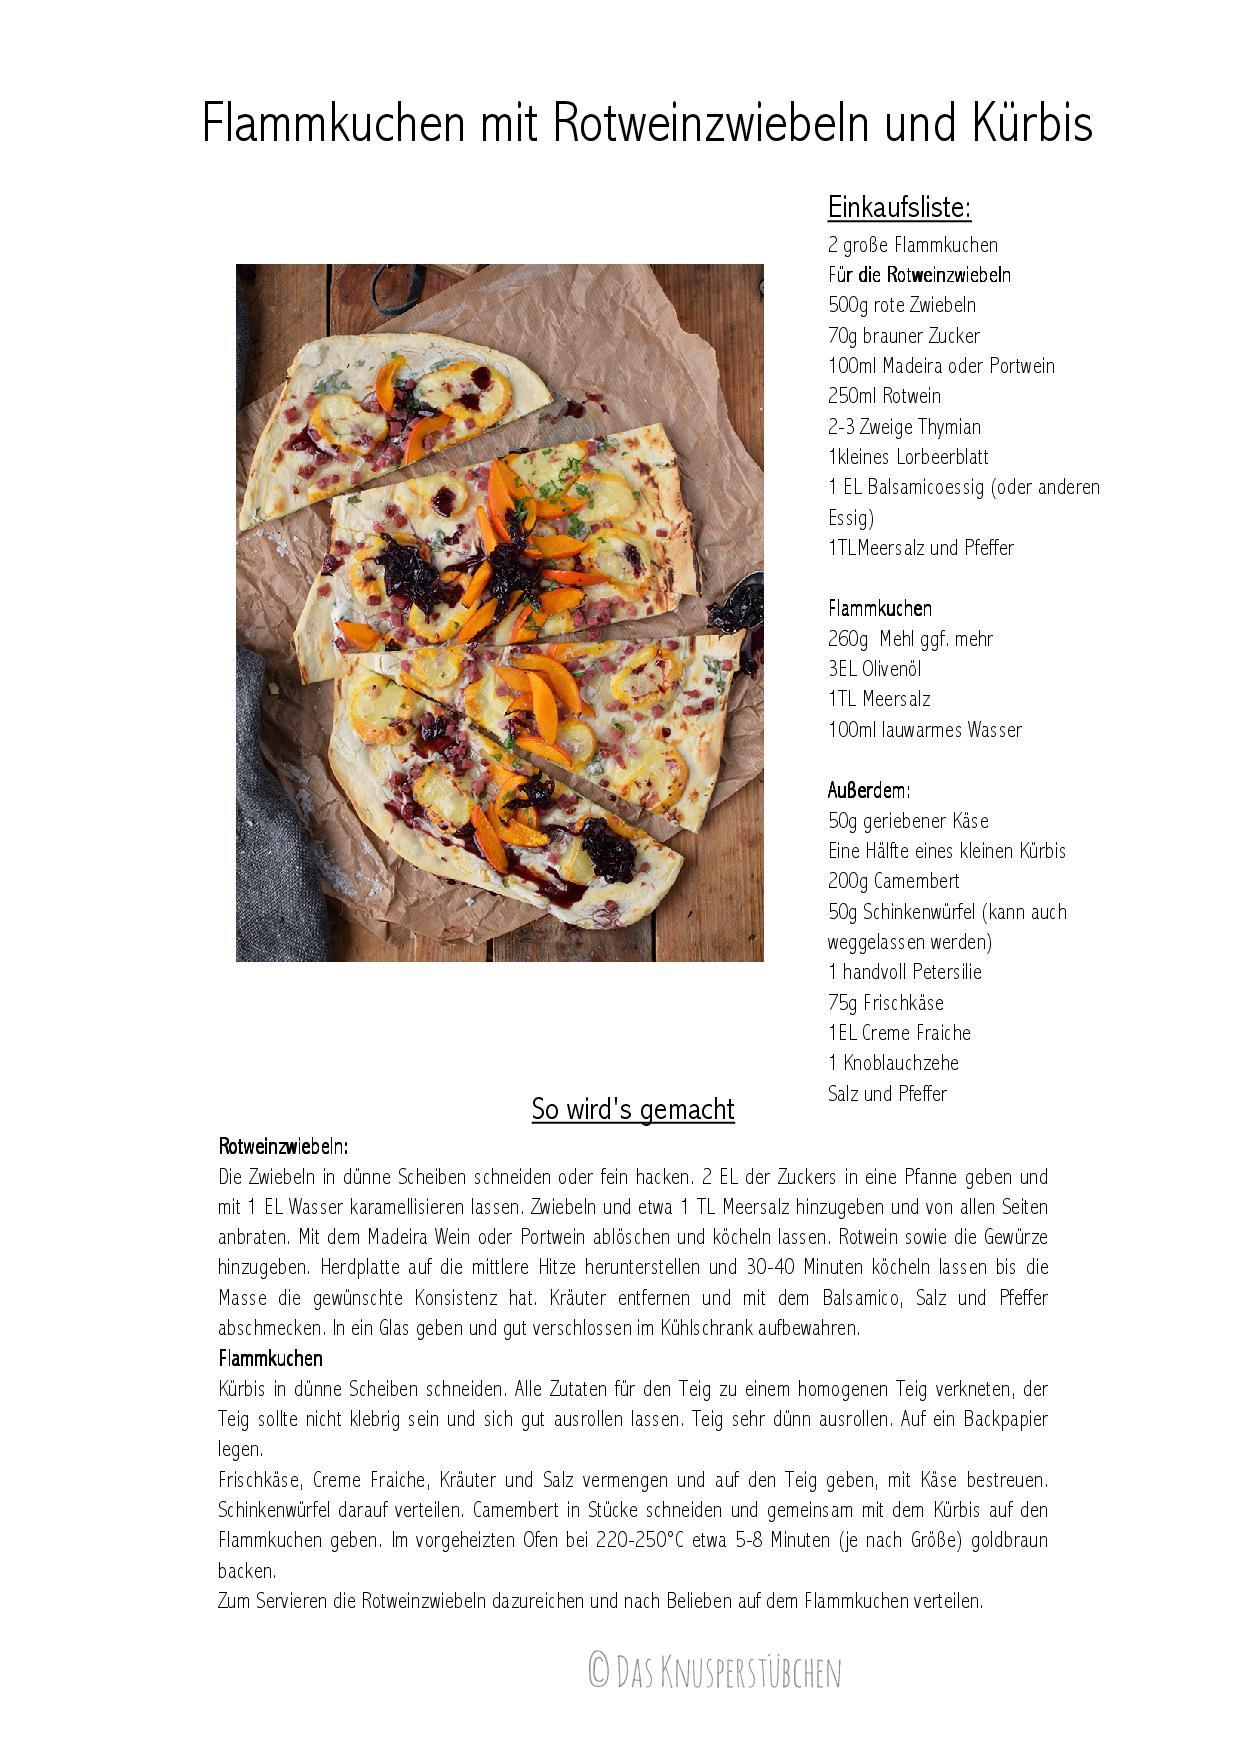 flammkuchen-mit-kuerbis-und-rotweinzwiebeln-001